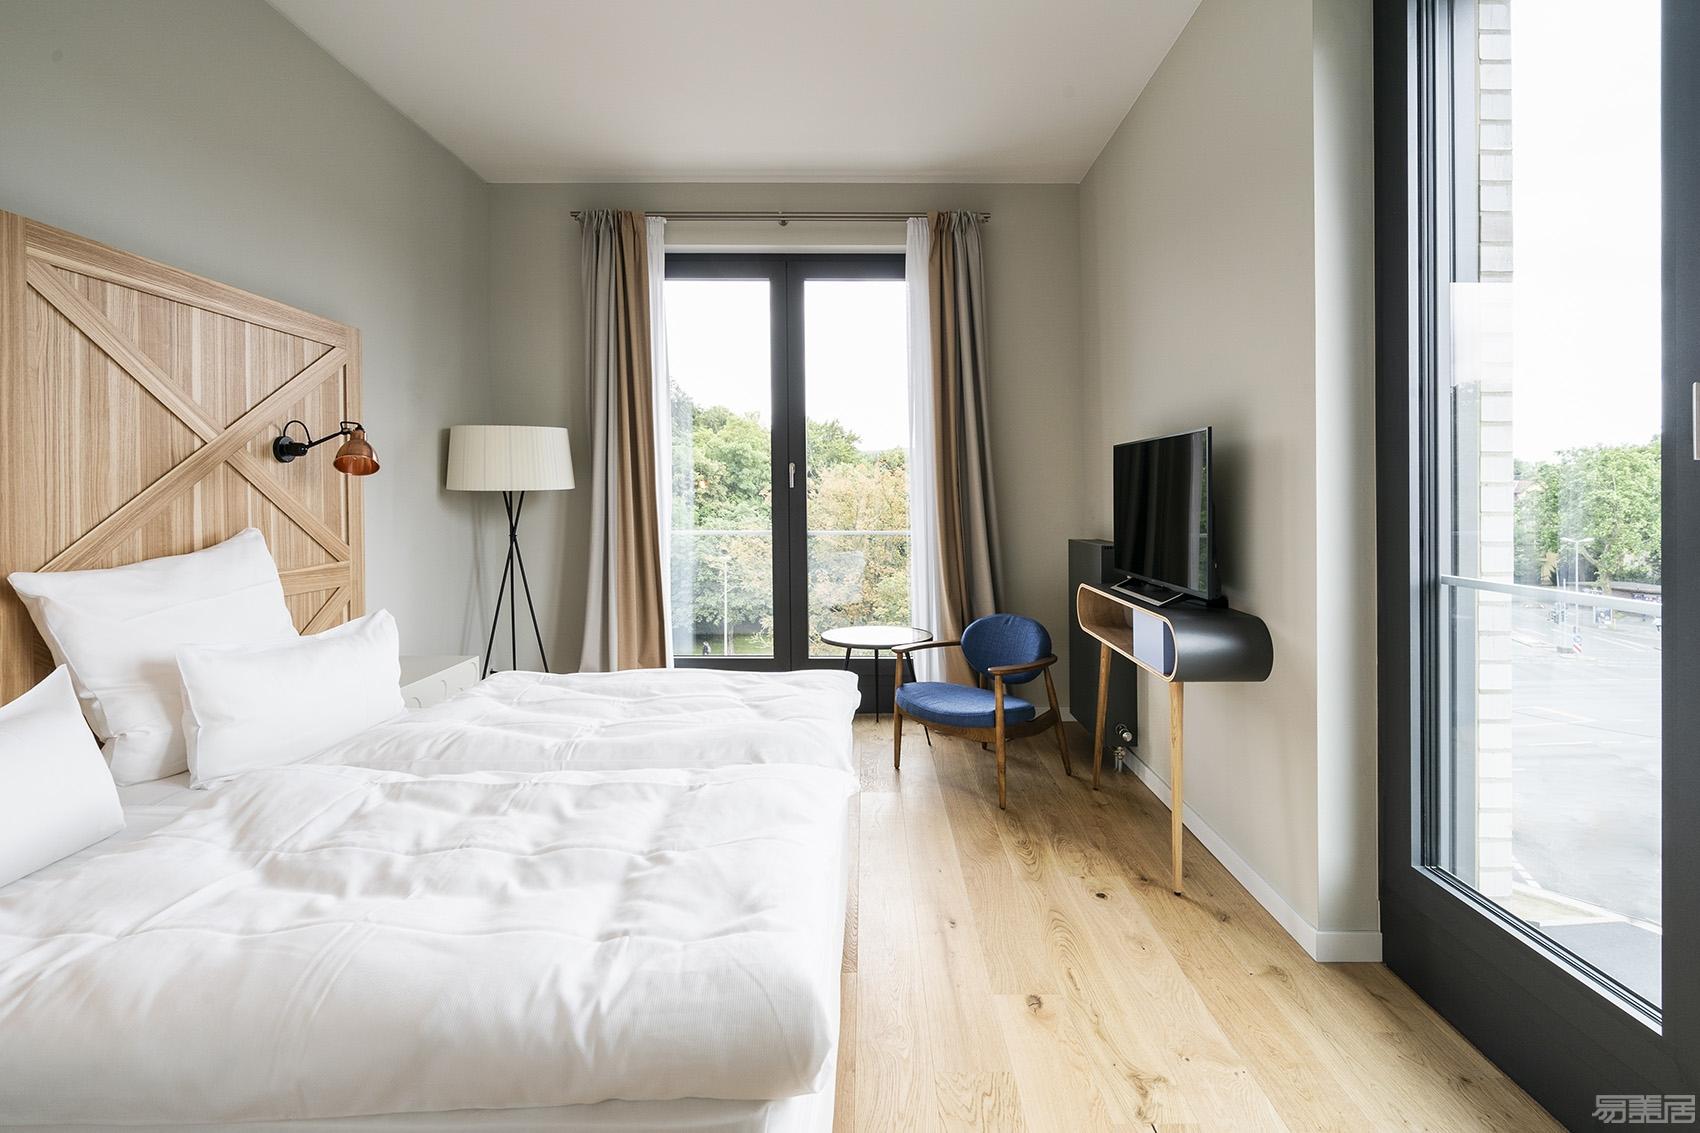 004-hotel-freigeist-gottingen-by-ahrens-grabenhorst-architekten-frank-kassner.jpg